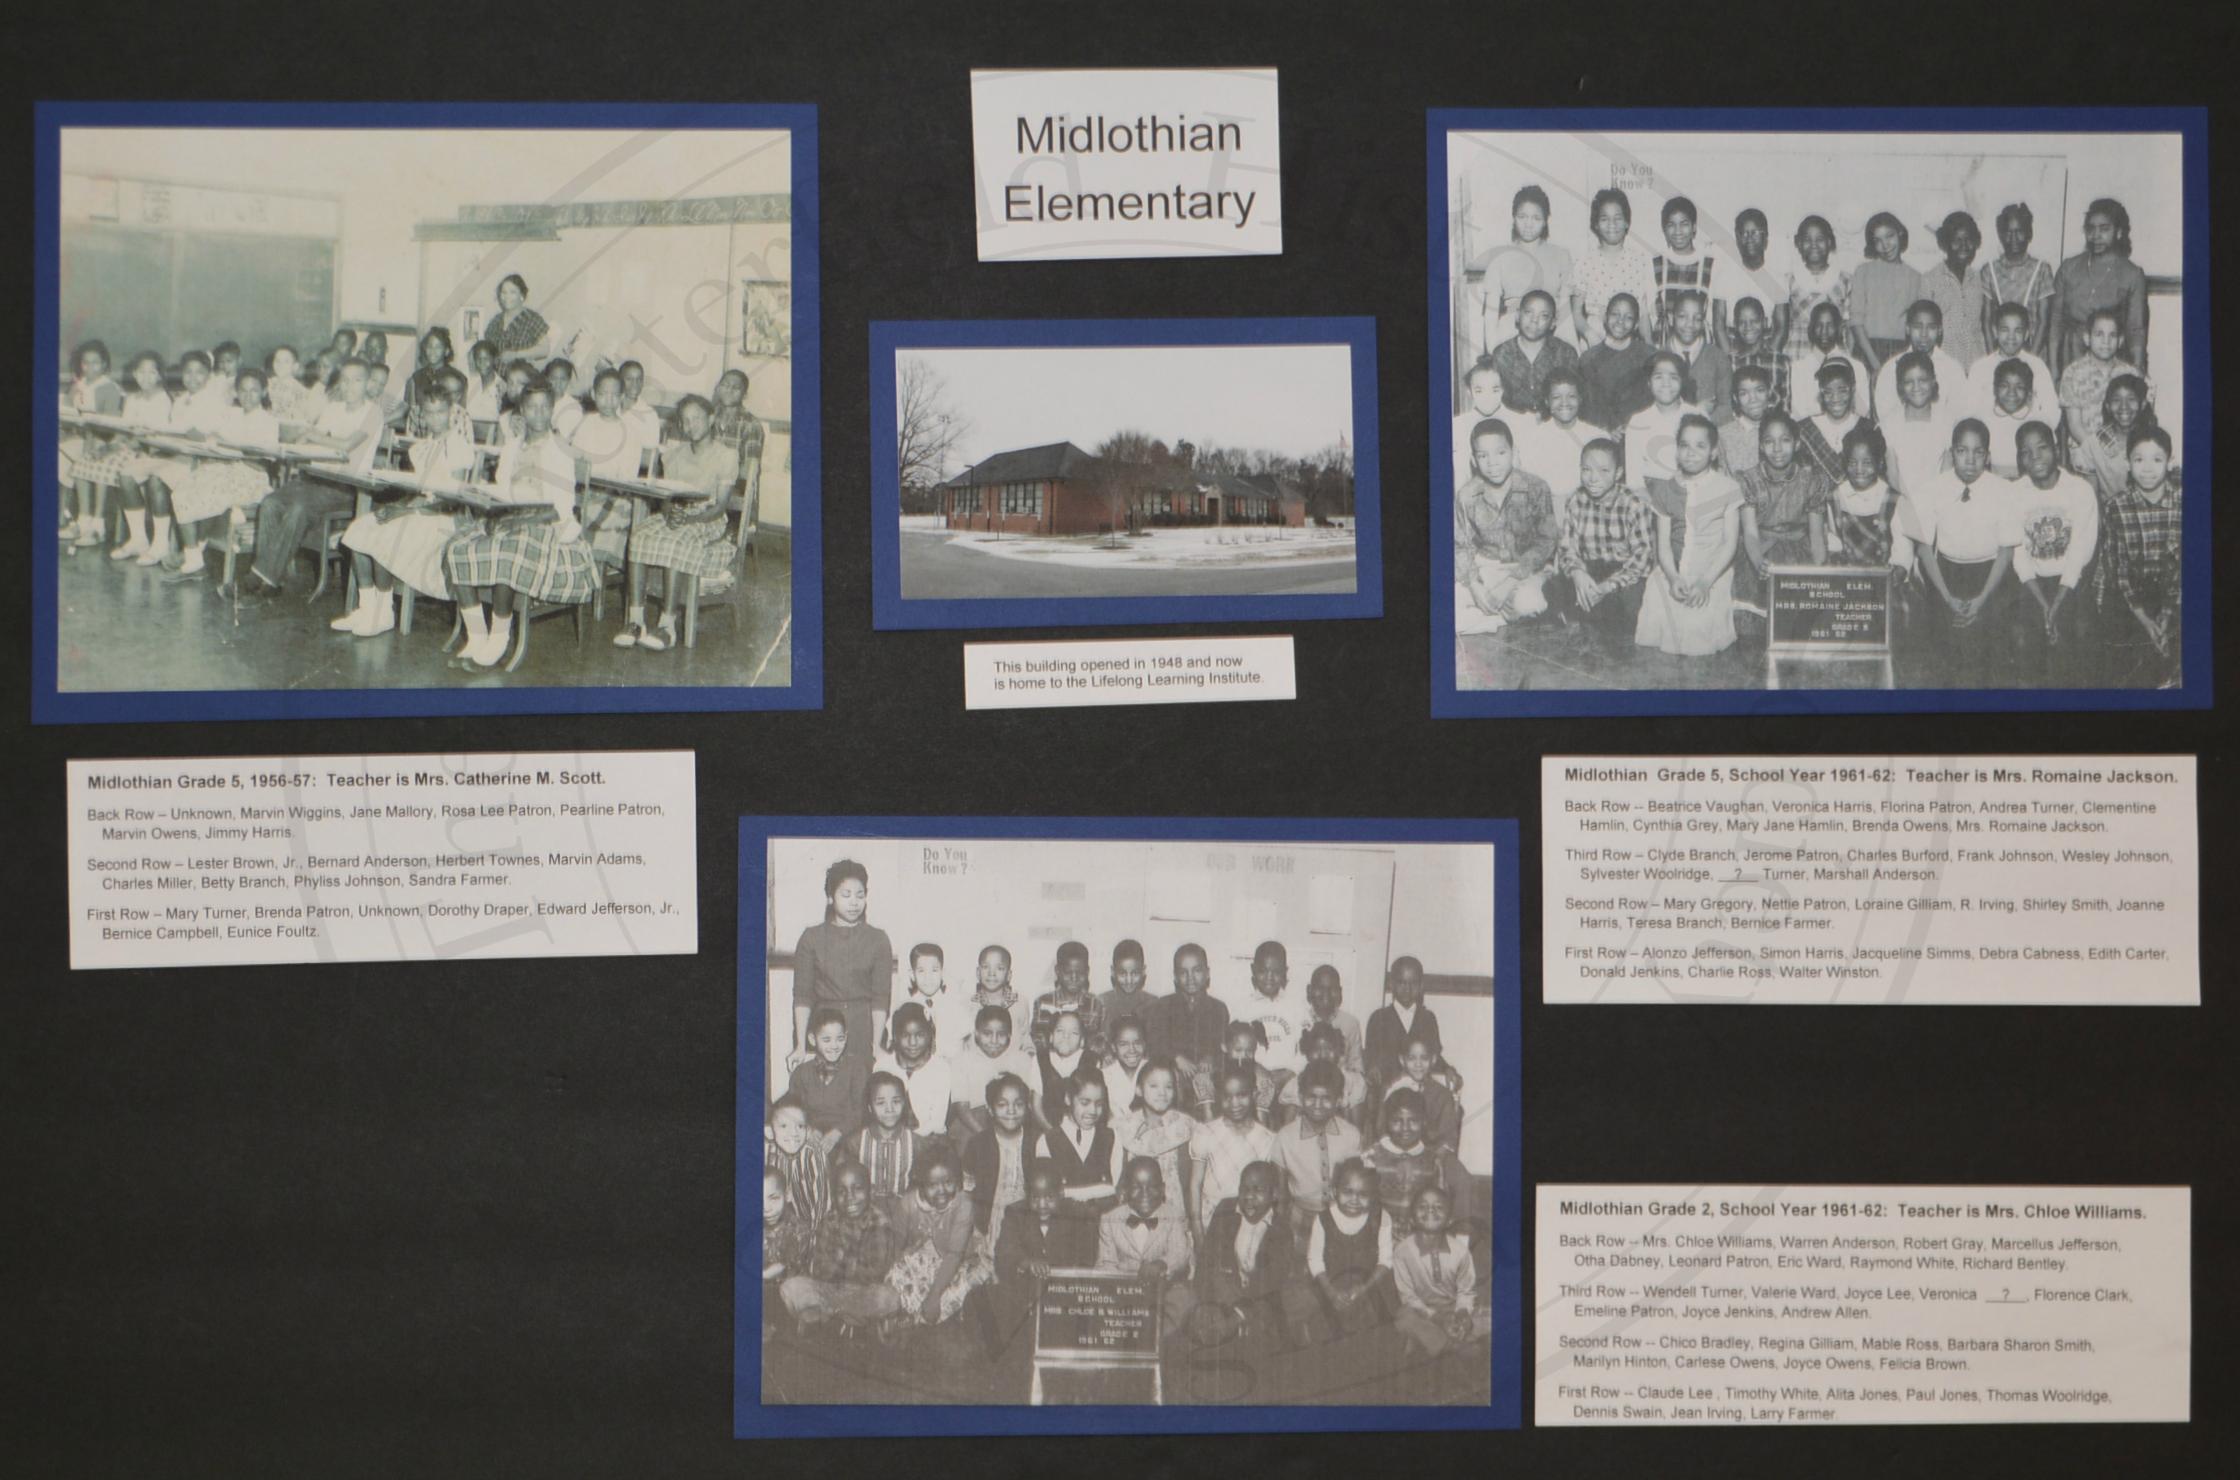 Midlothian Elementary Part 1